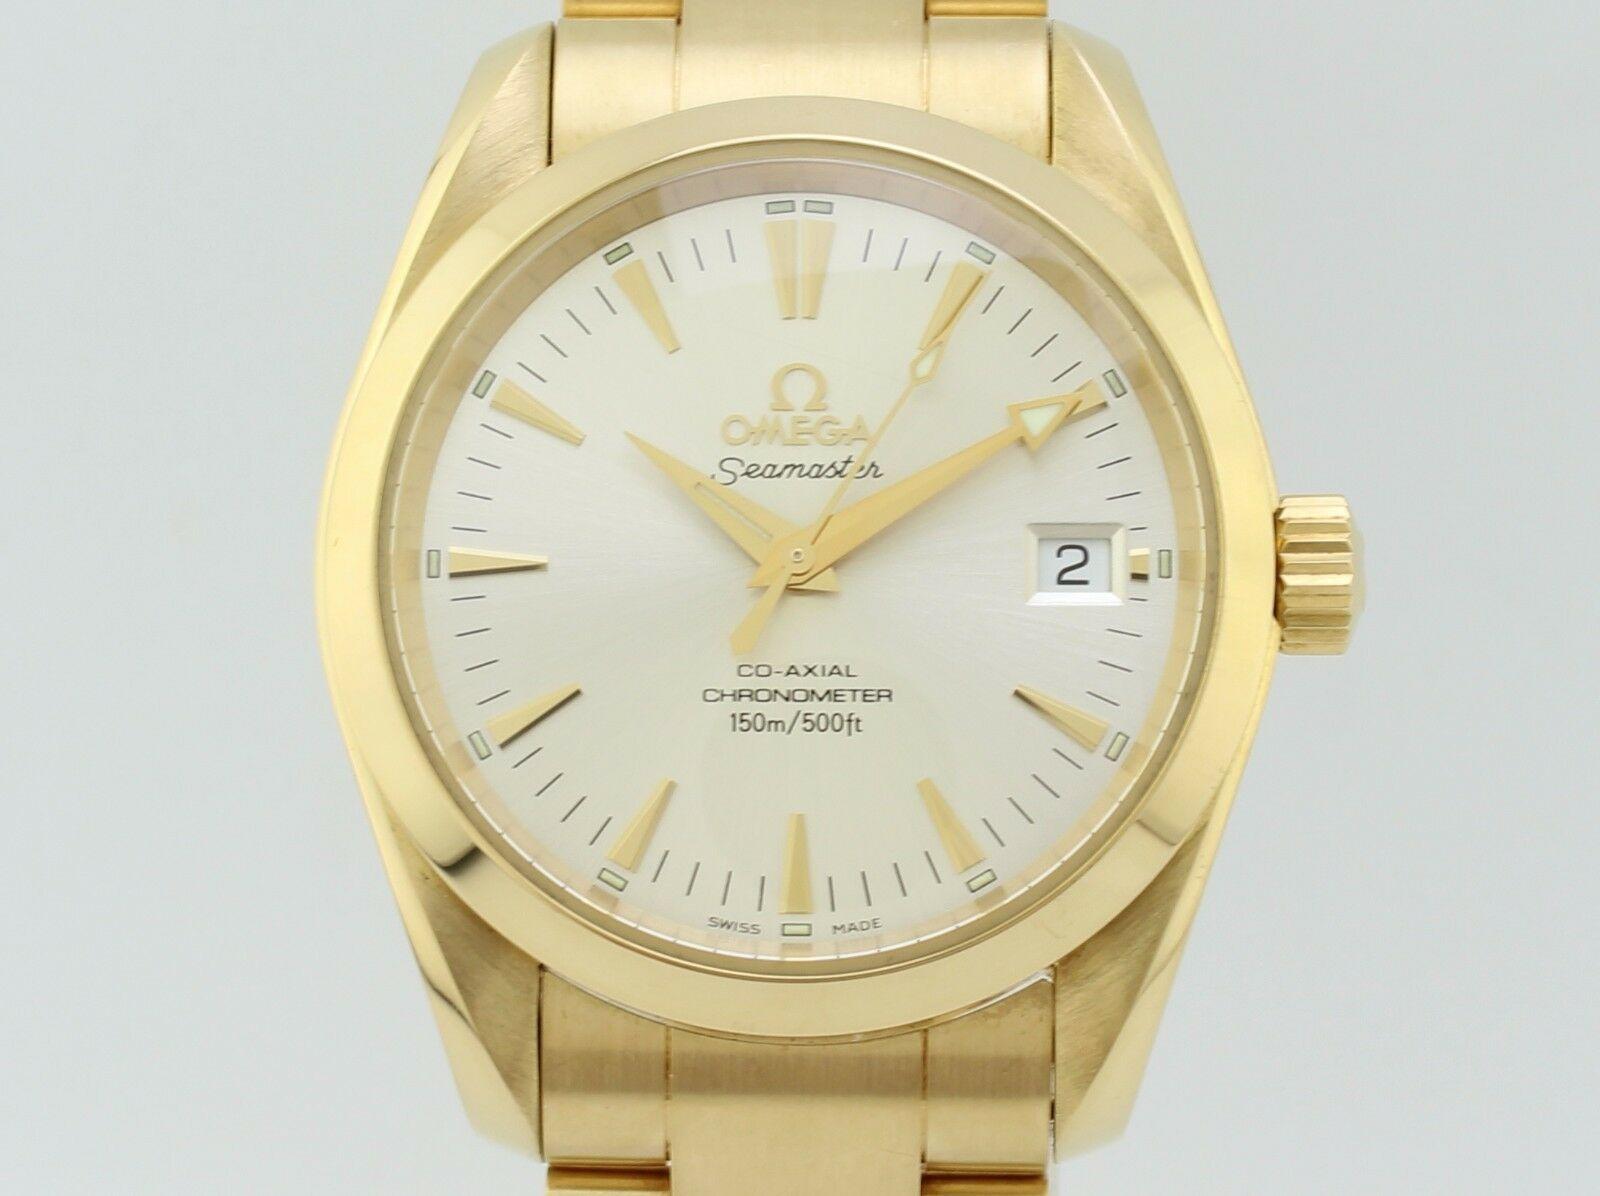 Omega Seamaster Co Axial Chronometer Automatic Gold Aqua